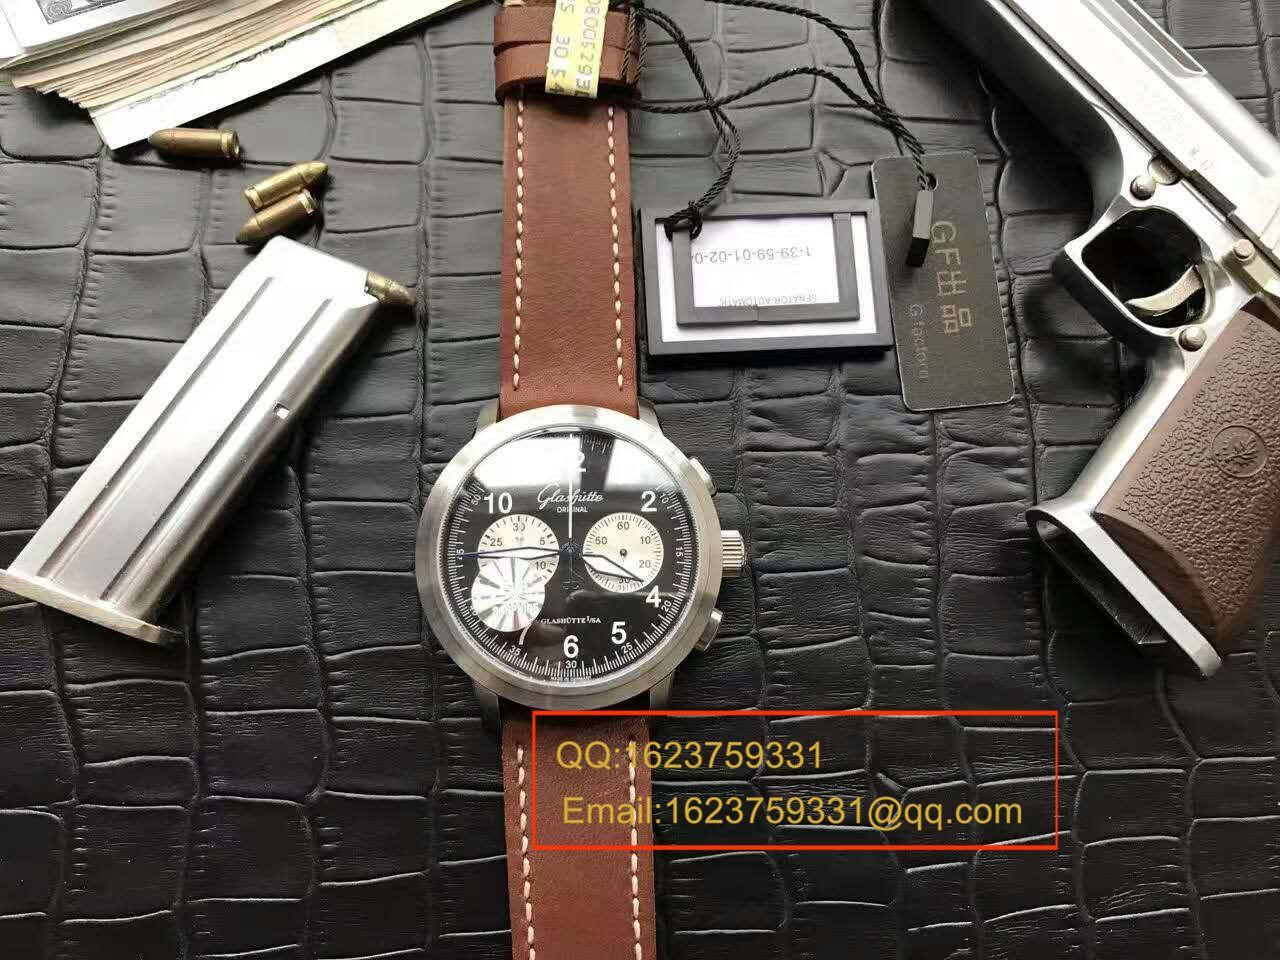 【独家视频测评】GF厂1:1超A高仿手表格拉苏蒂原创SENATOR NAVIGATOR系列39-34-07-07-04男表 / GLABA034